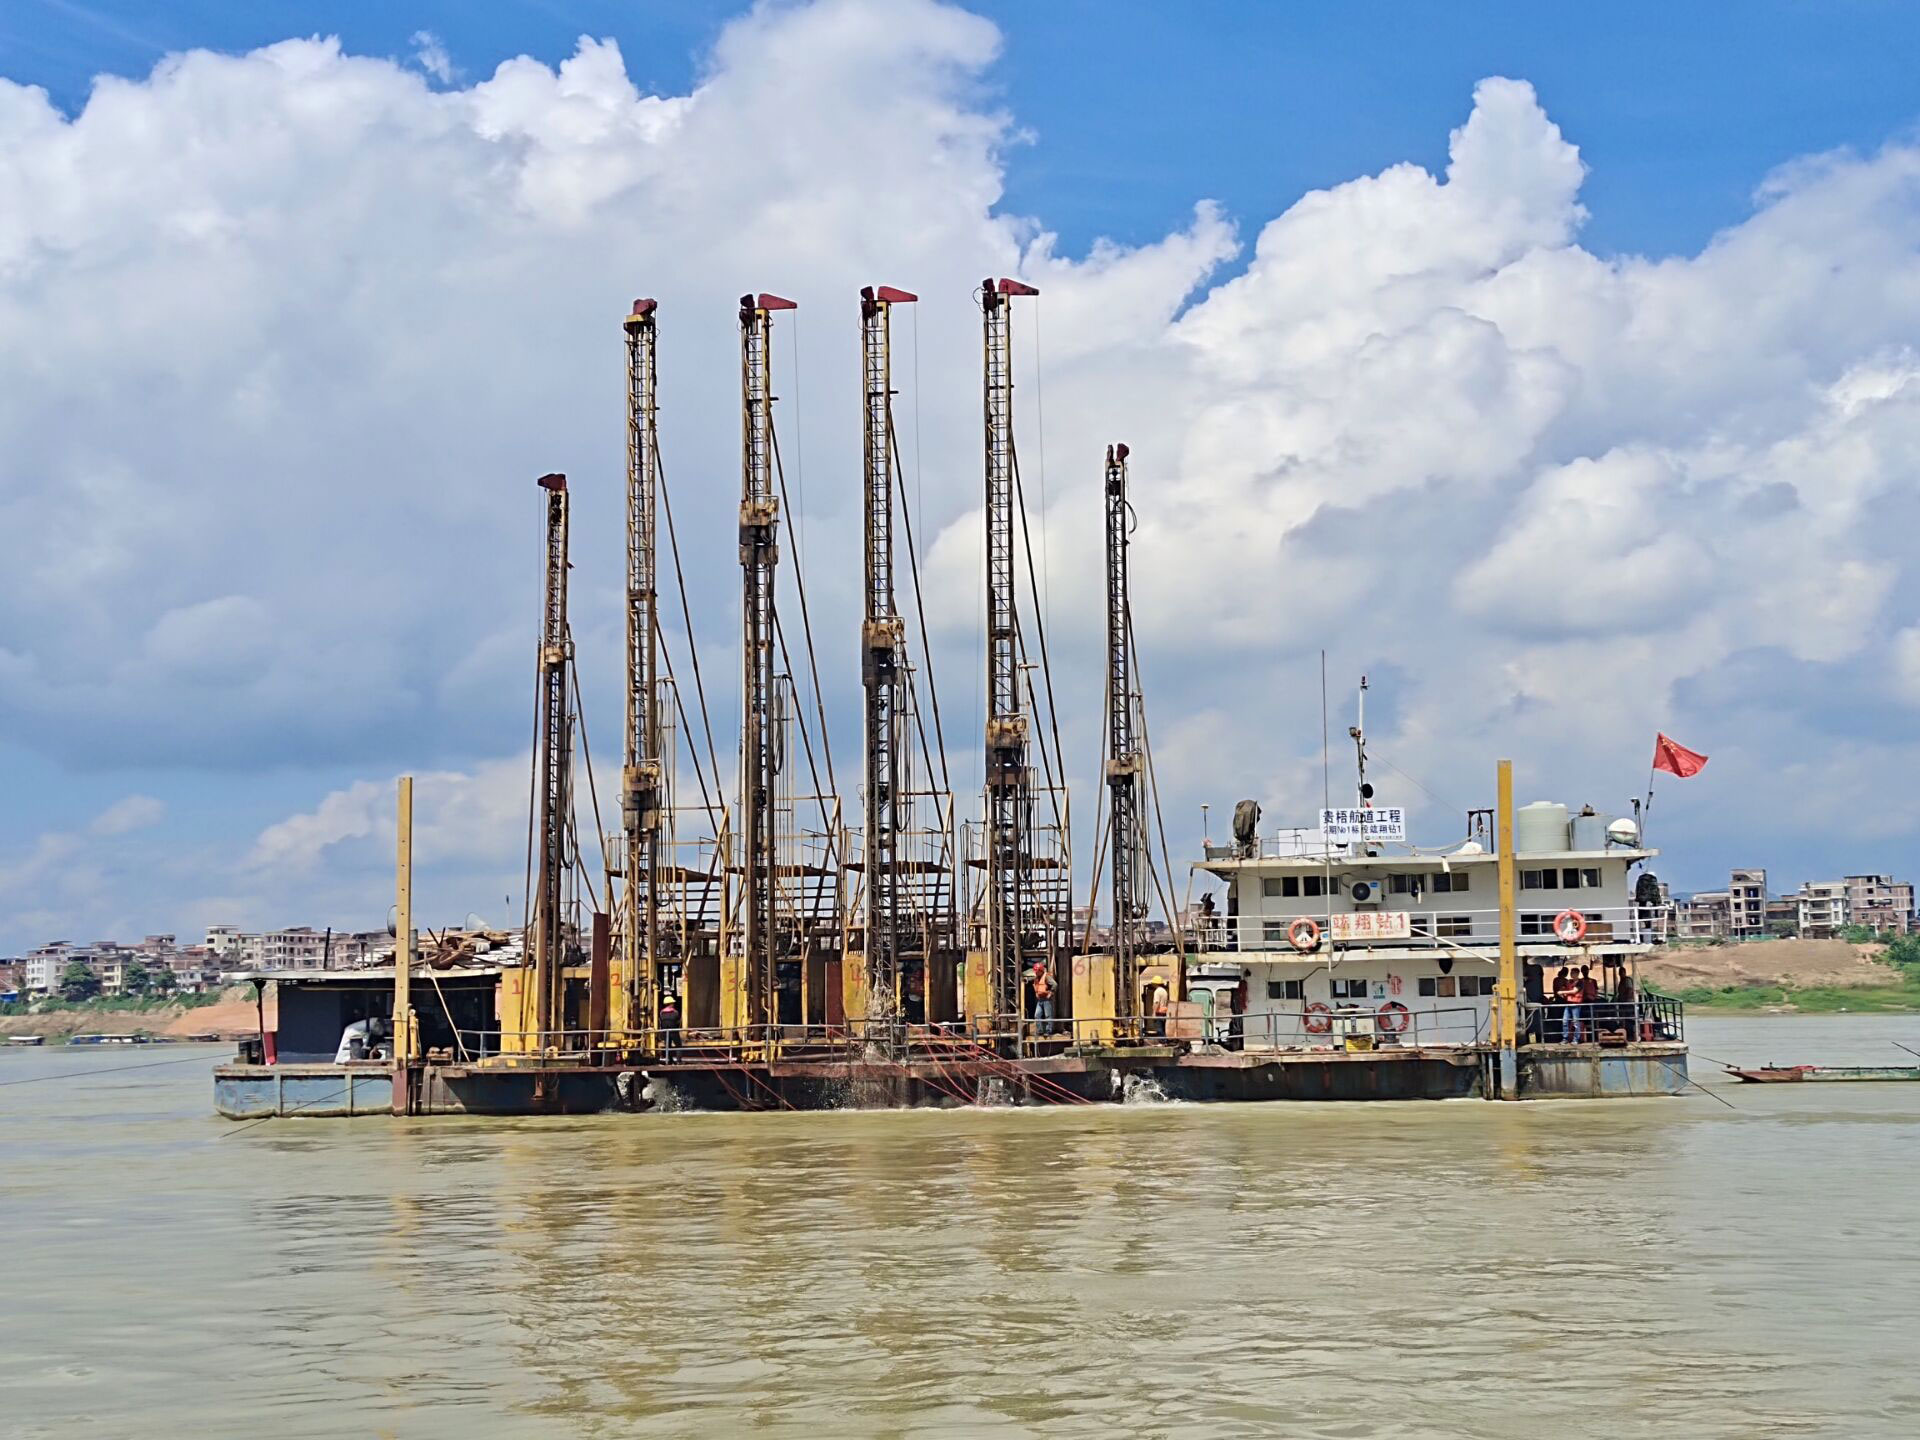 梧州西江航運干線貴港至梧州3000噸級航道工程二期工程施工№1標段項目